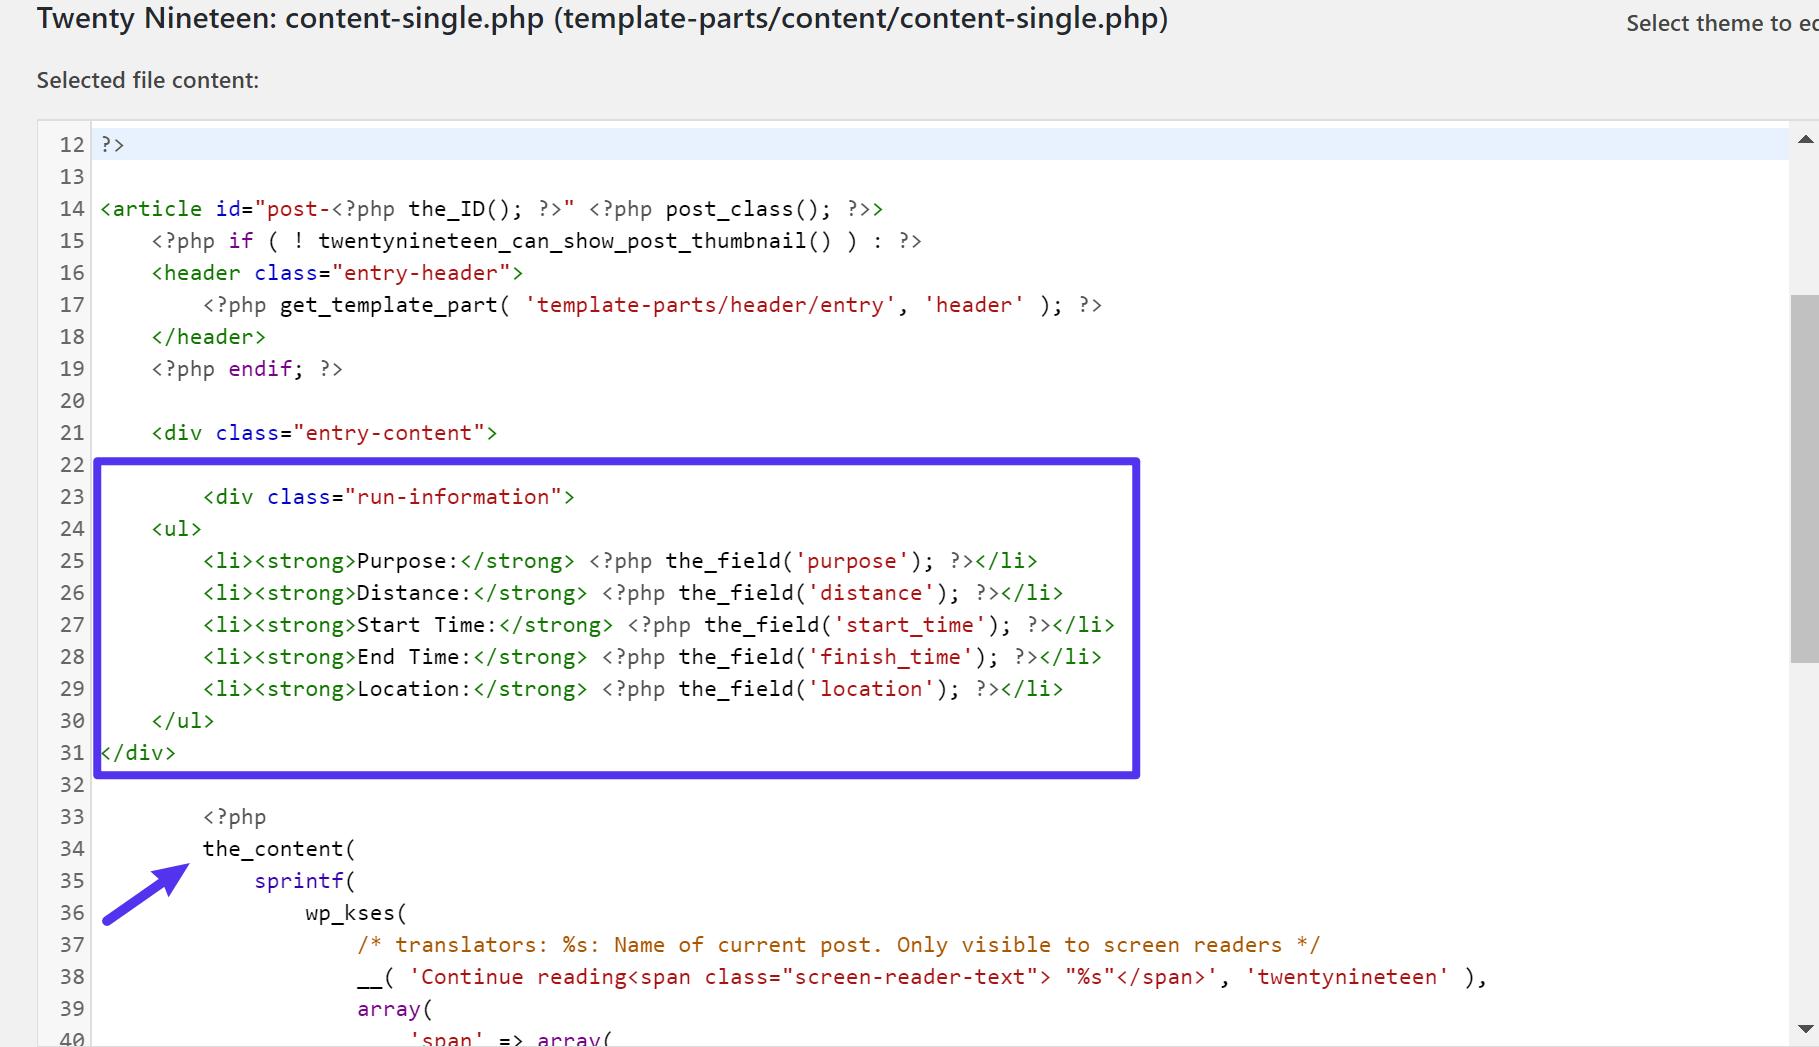 Var du lägger till kod i temats mallfil